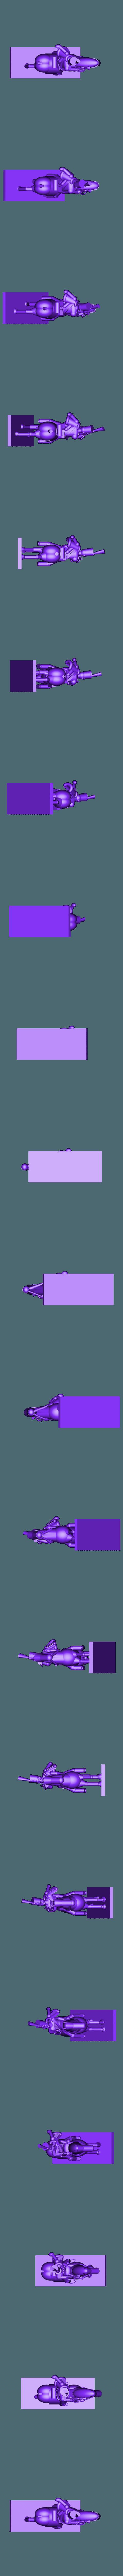 fr_huss_trmp1.stl Télécharger fichier STL gratuit Napoléoniens - 2ème partie - Français / Alliés Cavalerie • Plan imprimable en 3D, Earsling